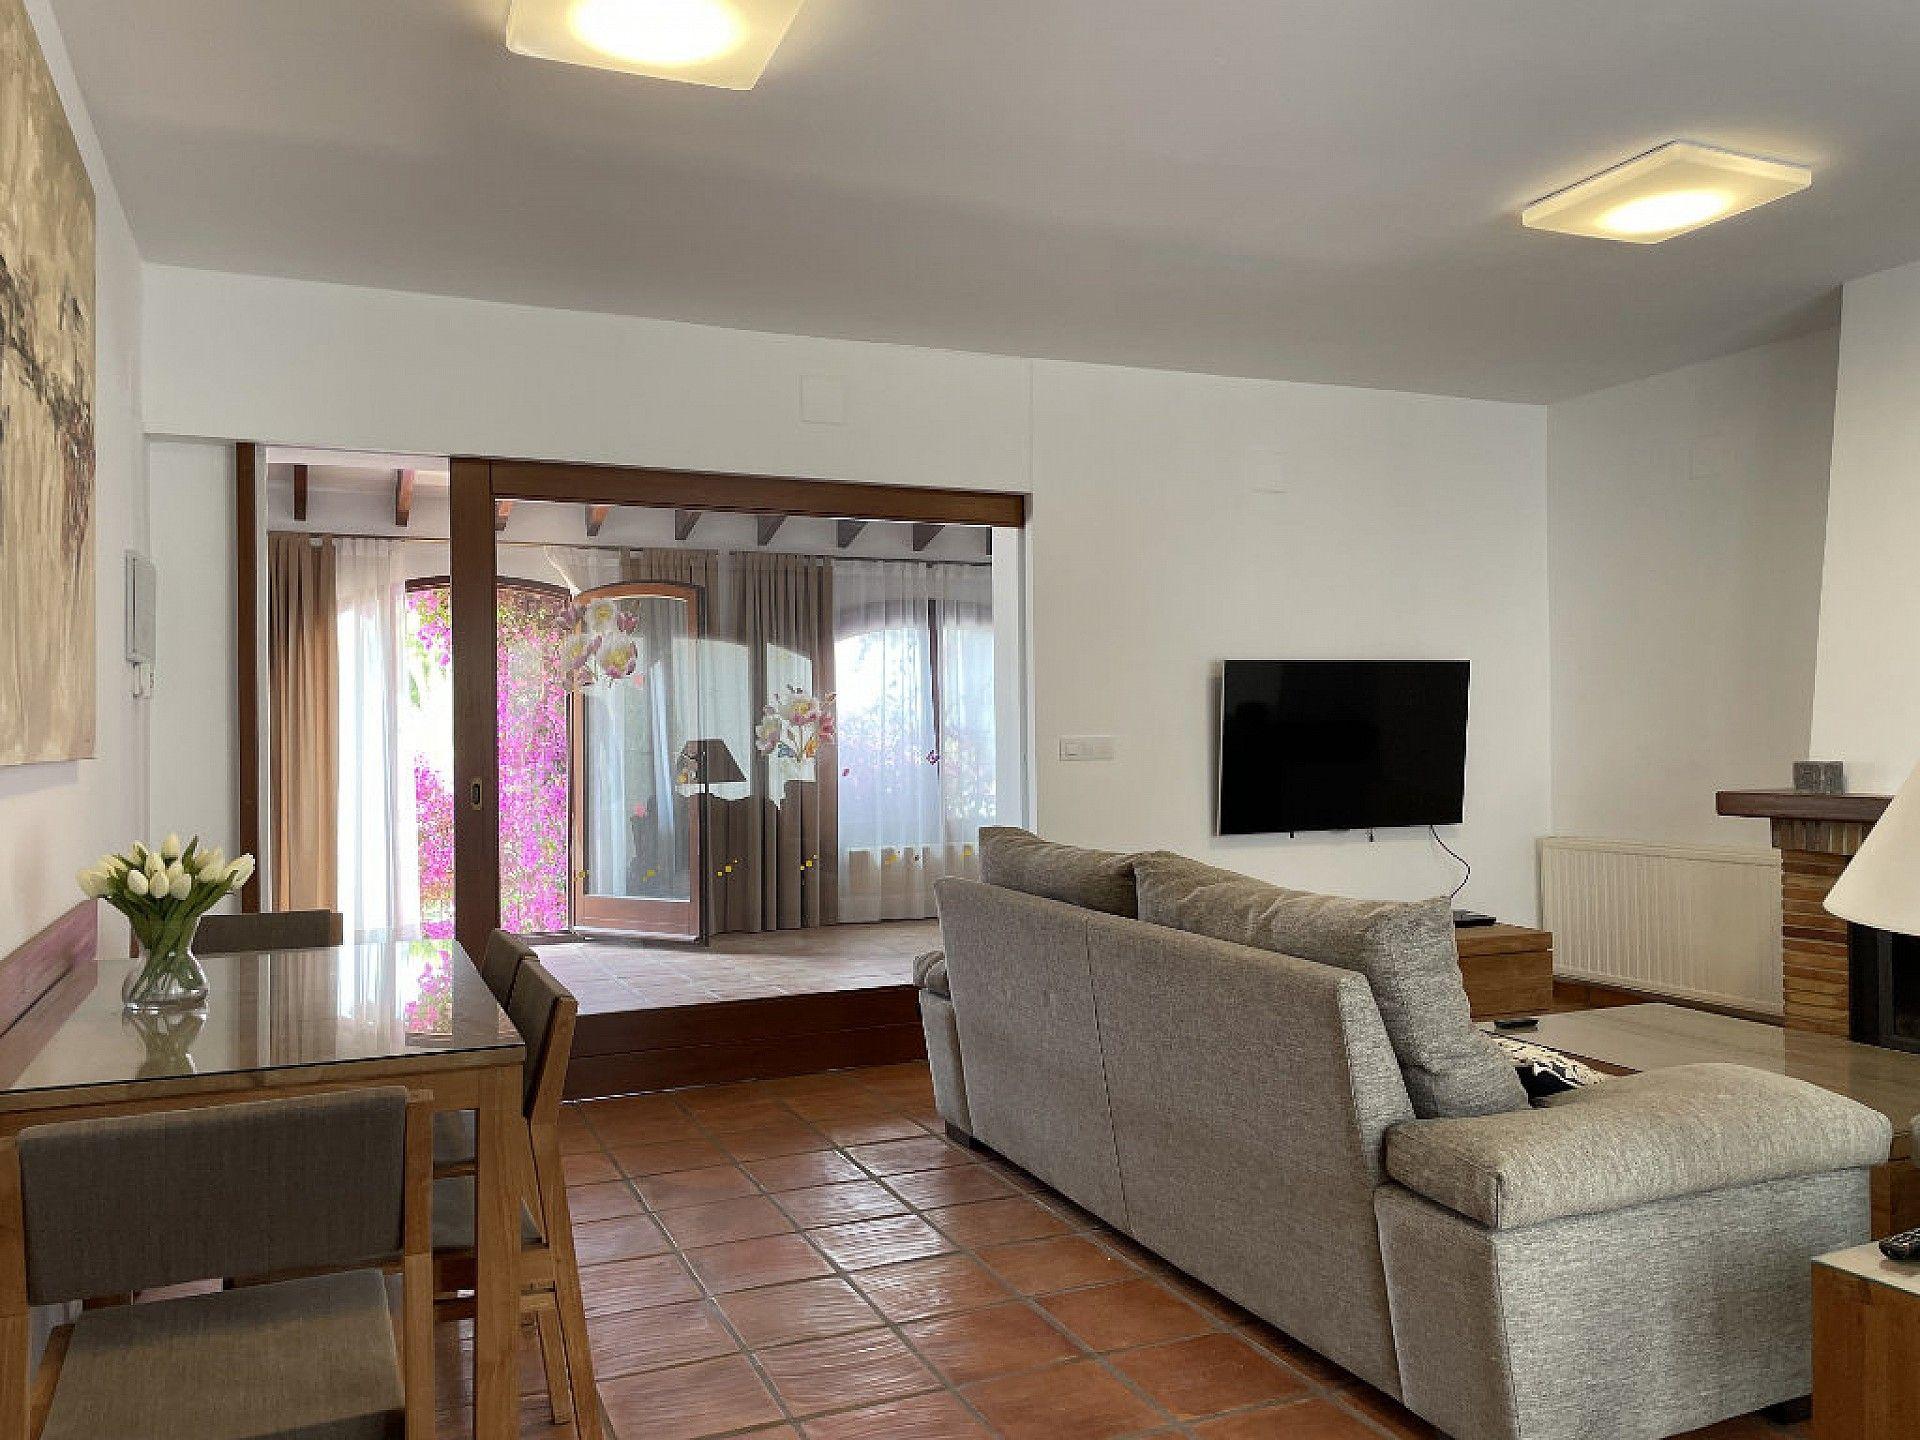 w_huis-tekoop-benissa-costa-blanca-spanje-v1059-59-1.jpg